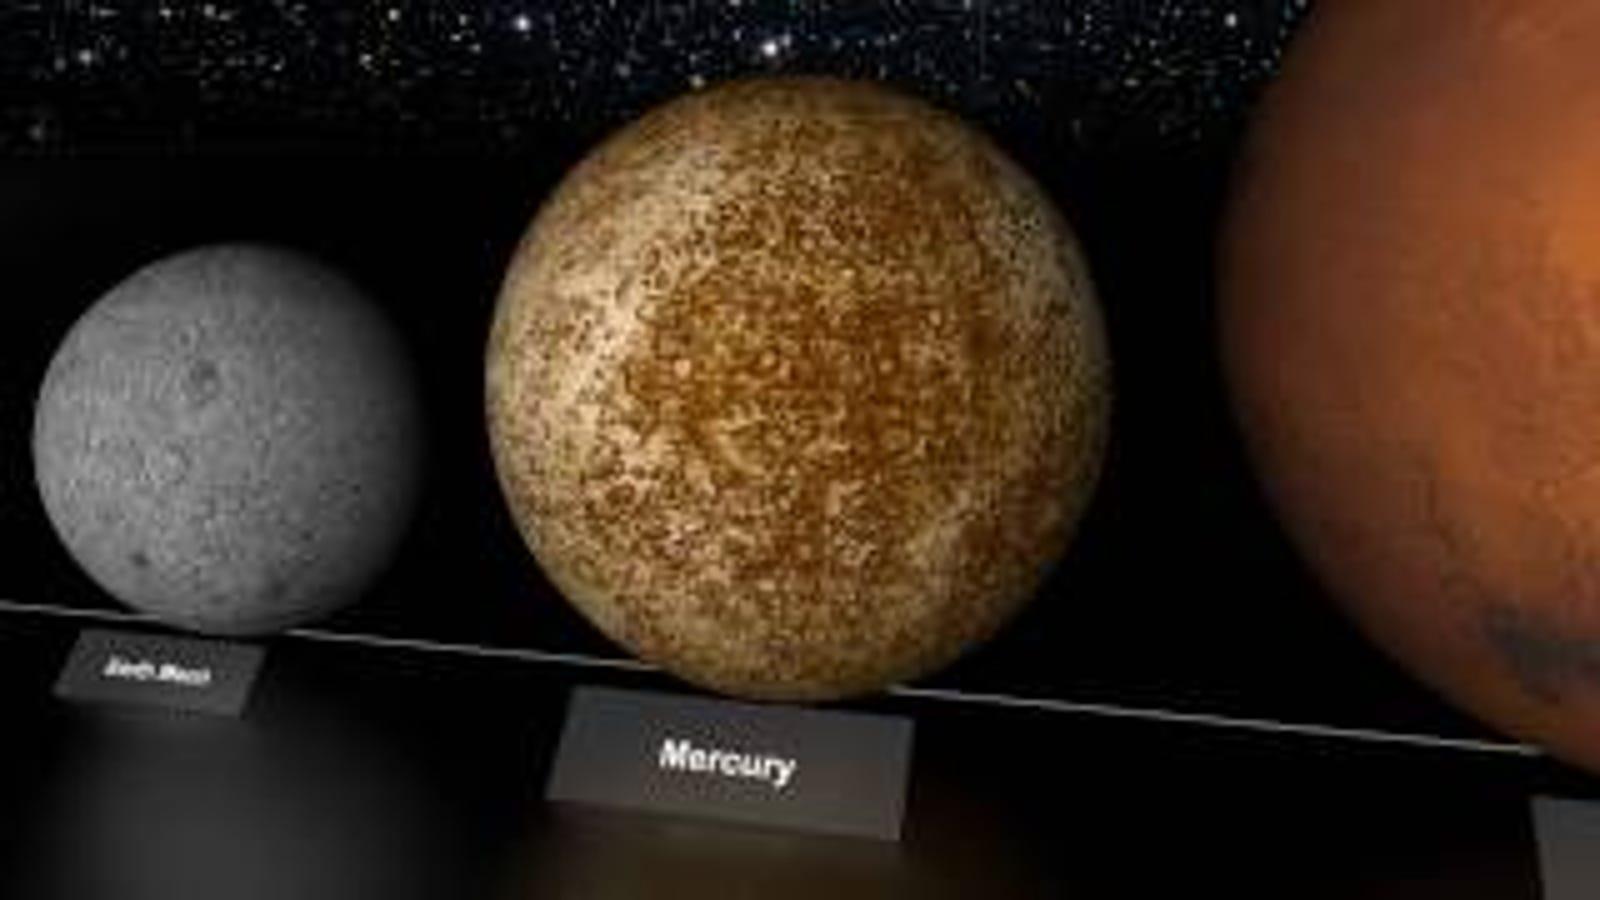 Descubre lo diminutos que somos en el universo con esta visualización